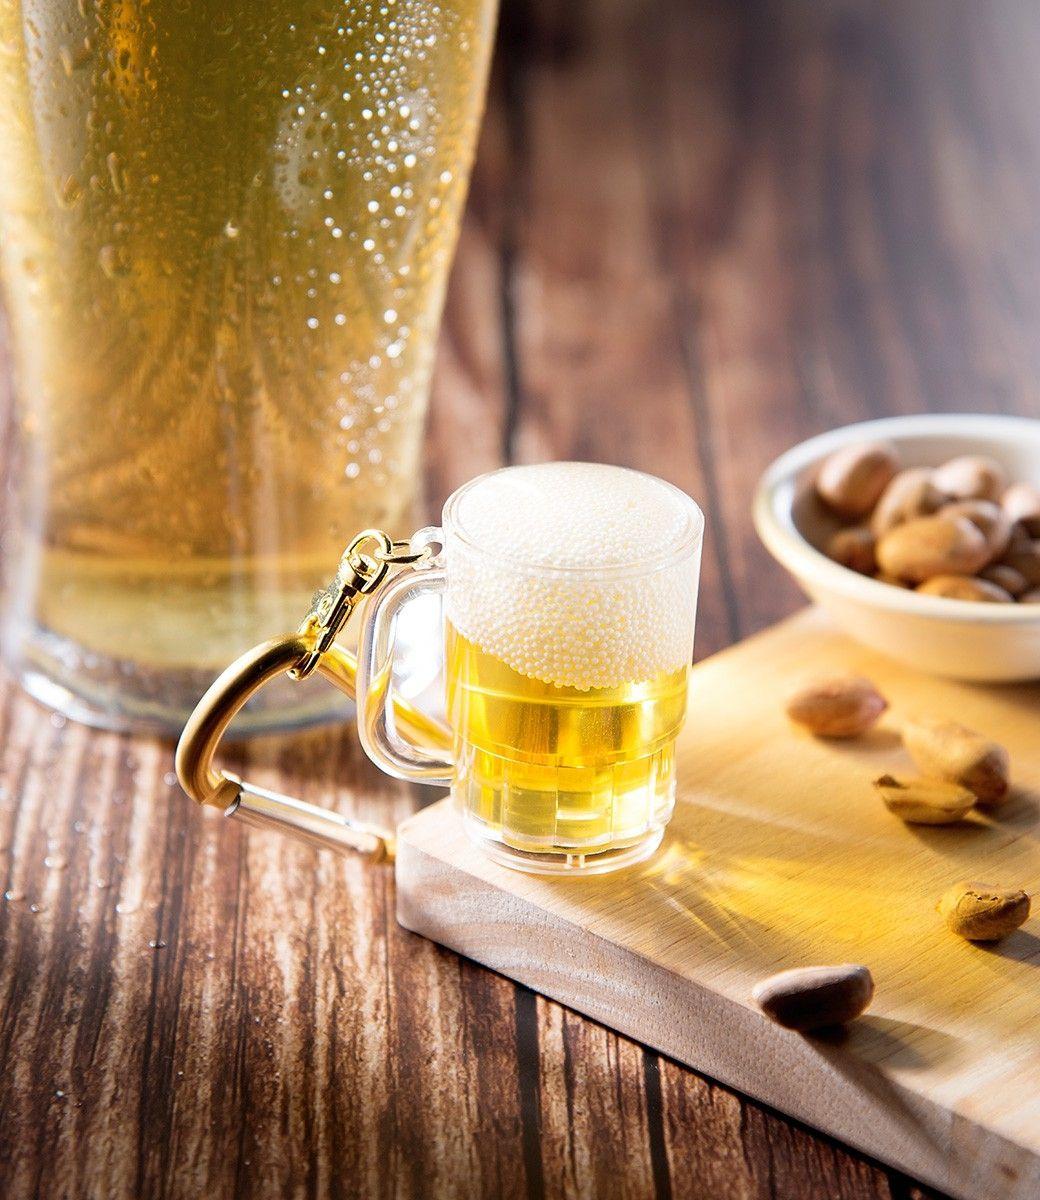 用這杯乾杯啦!悠遊卡推「生啤杯3D造型卡」,線上訂超商取更方便